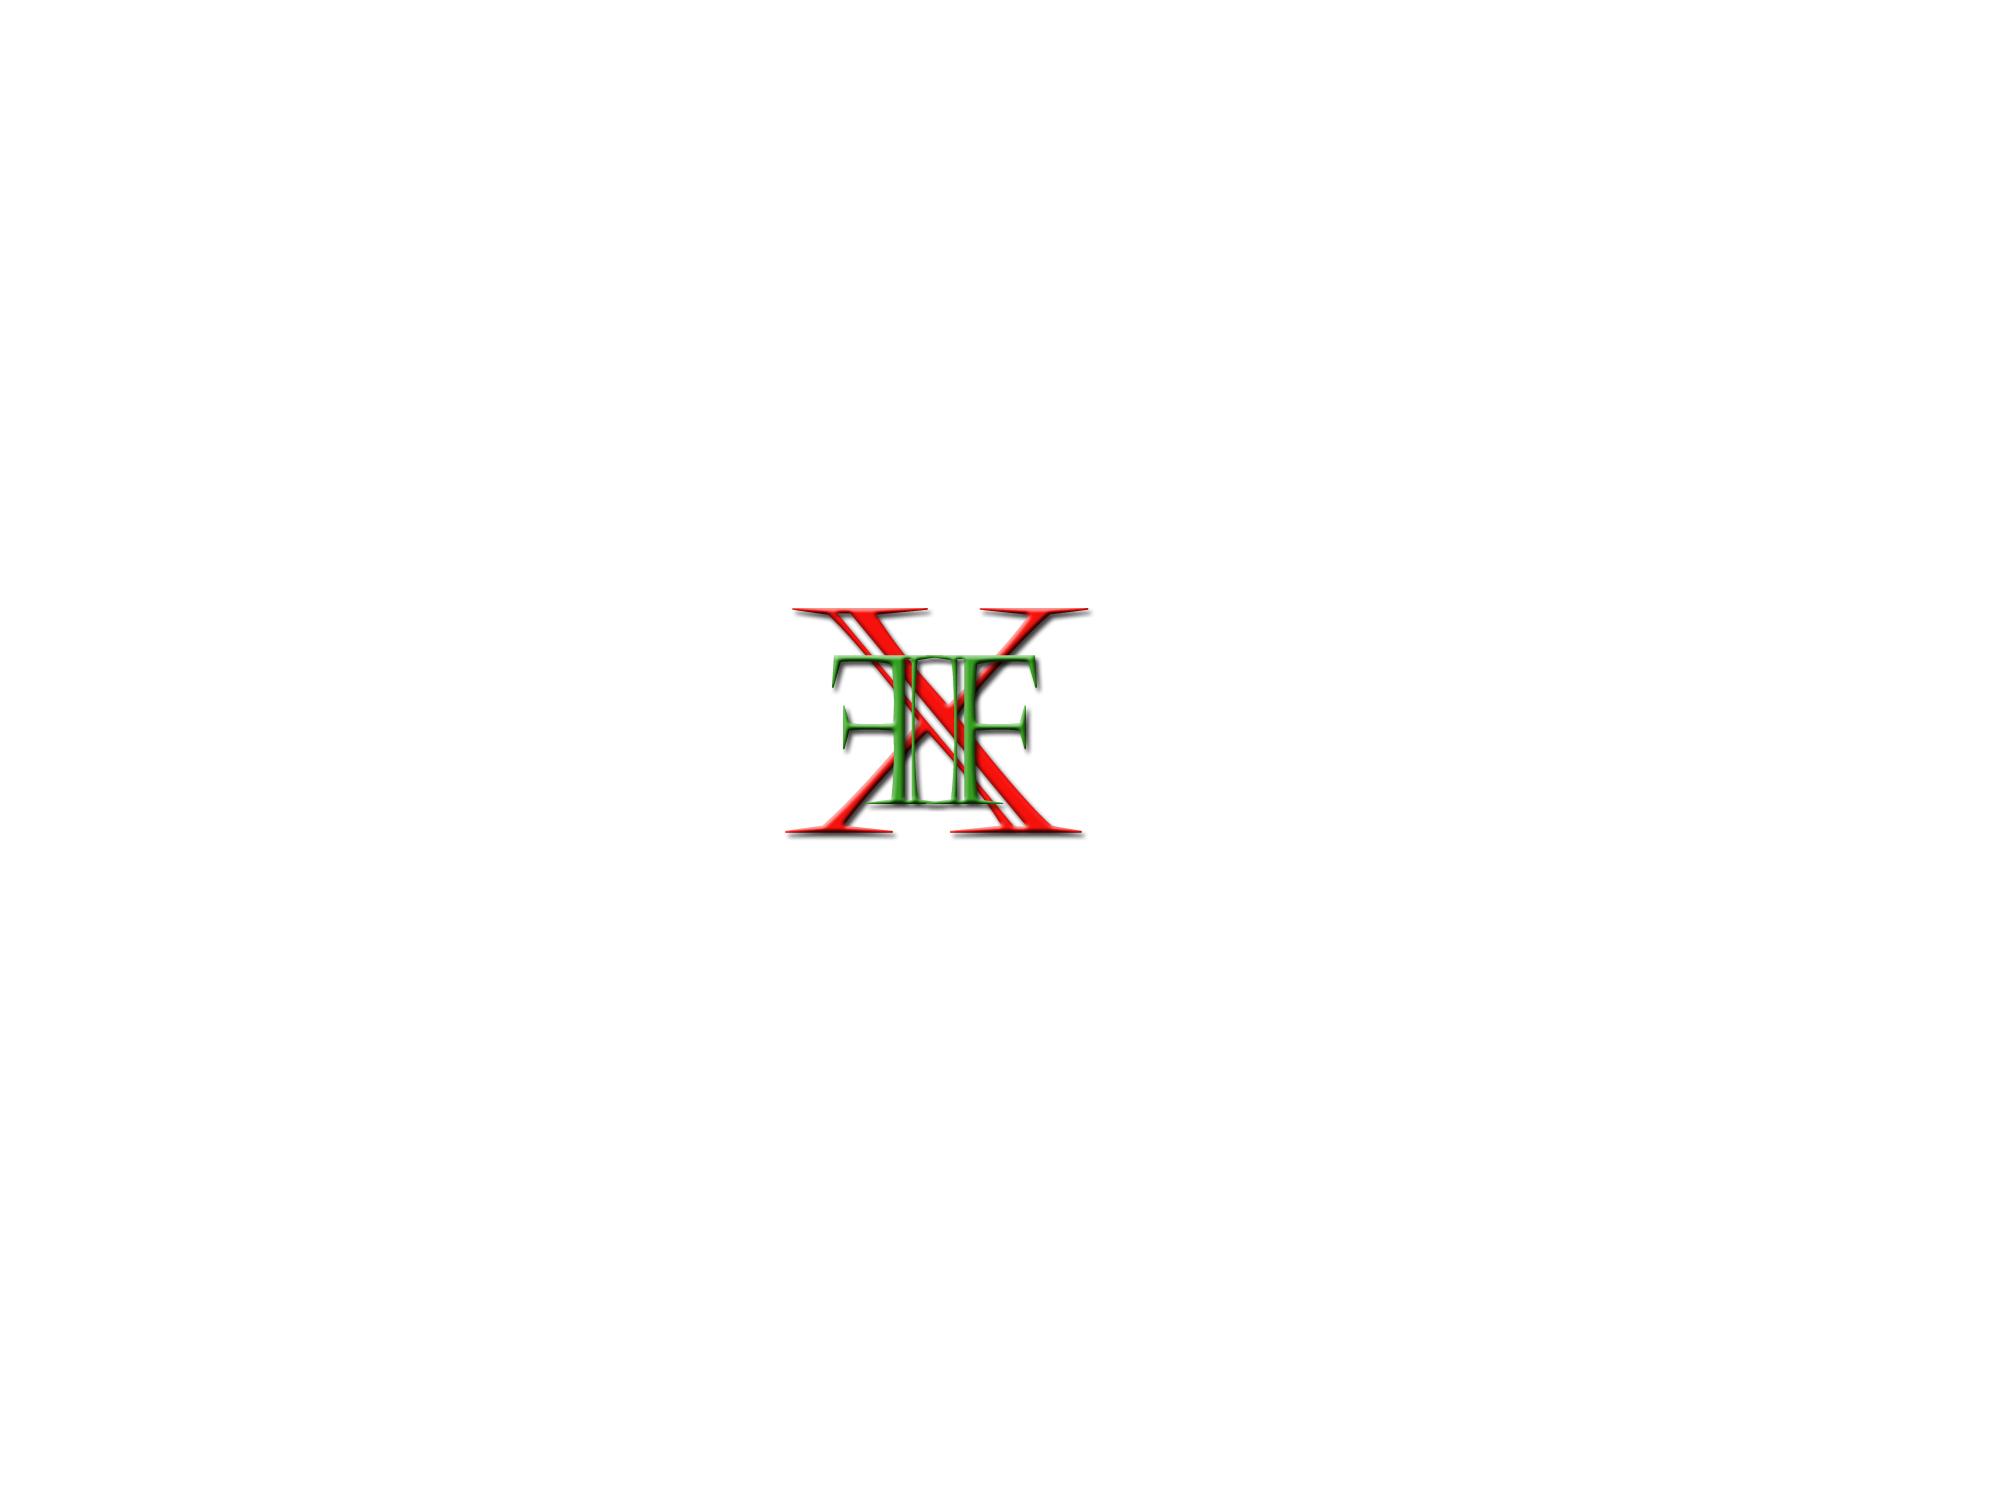 Разработка логотипа для компании FxFinance фото f_74451165bb6b205b.jpg